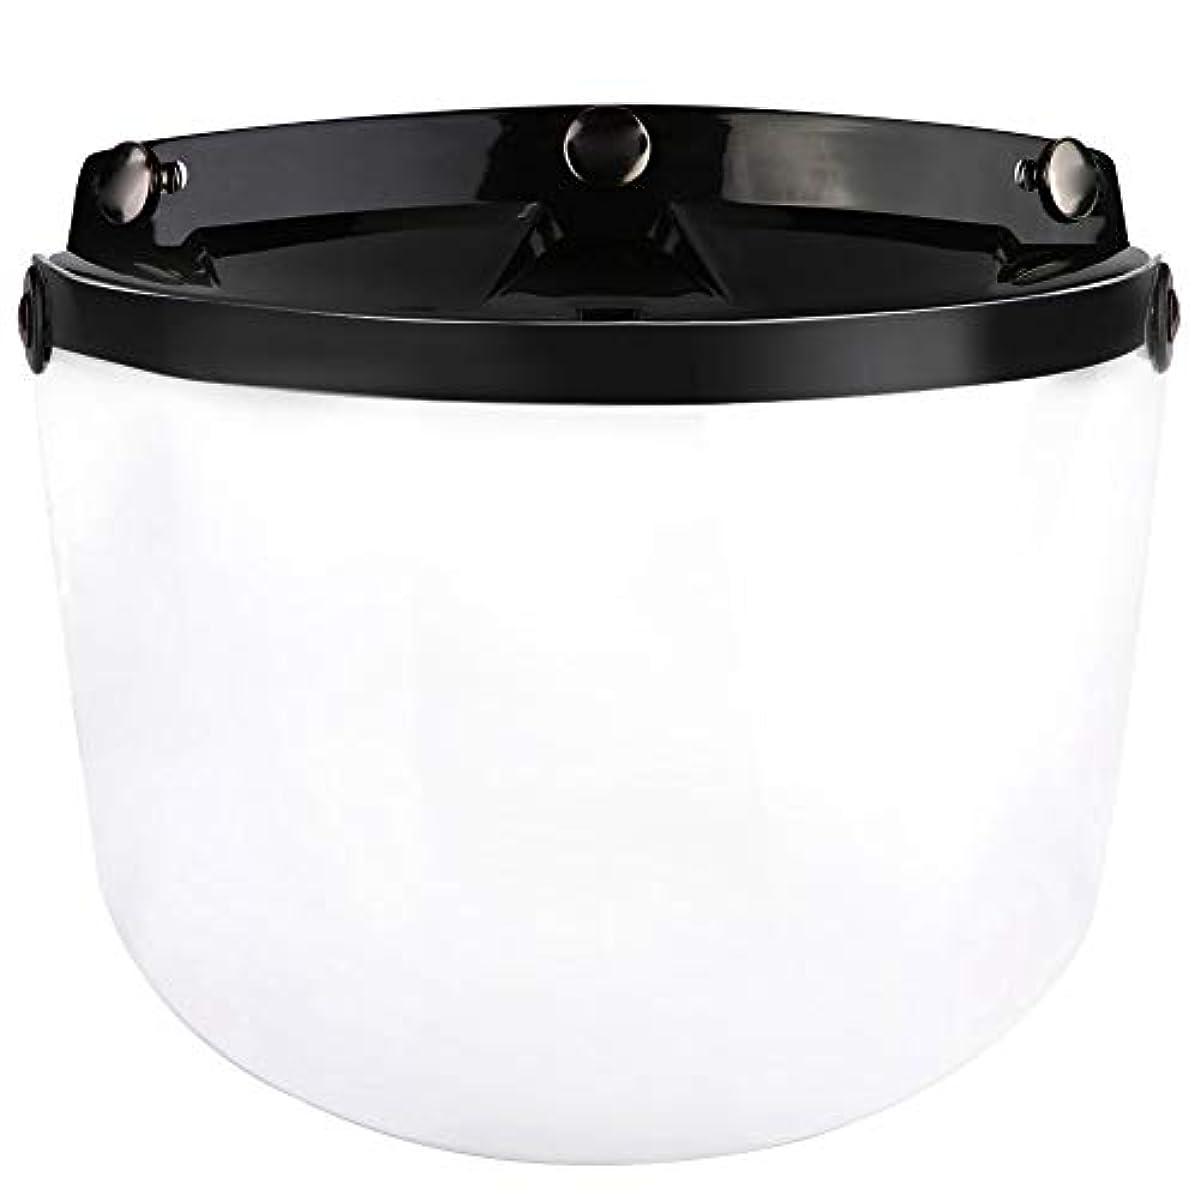 [해외] ARAMOX 오토바이의 헬멧 렌즈,방풍의 오토바이의 헬멧 헬멧 렌즈의 방풍 유리의 바이저 렌즈3의 스냅 (transparent)